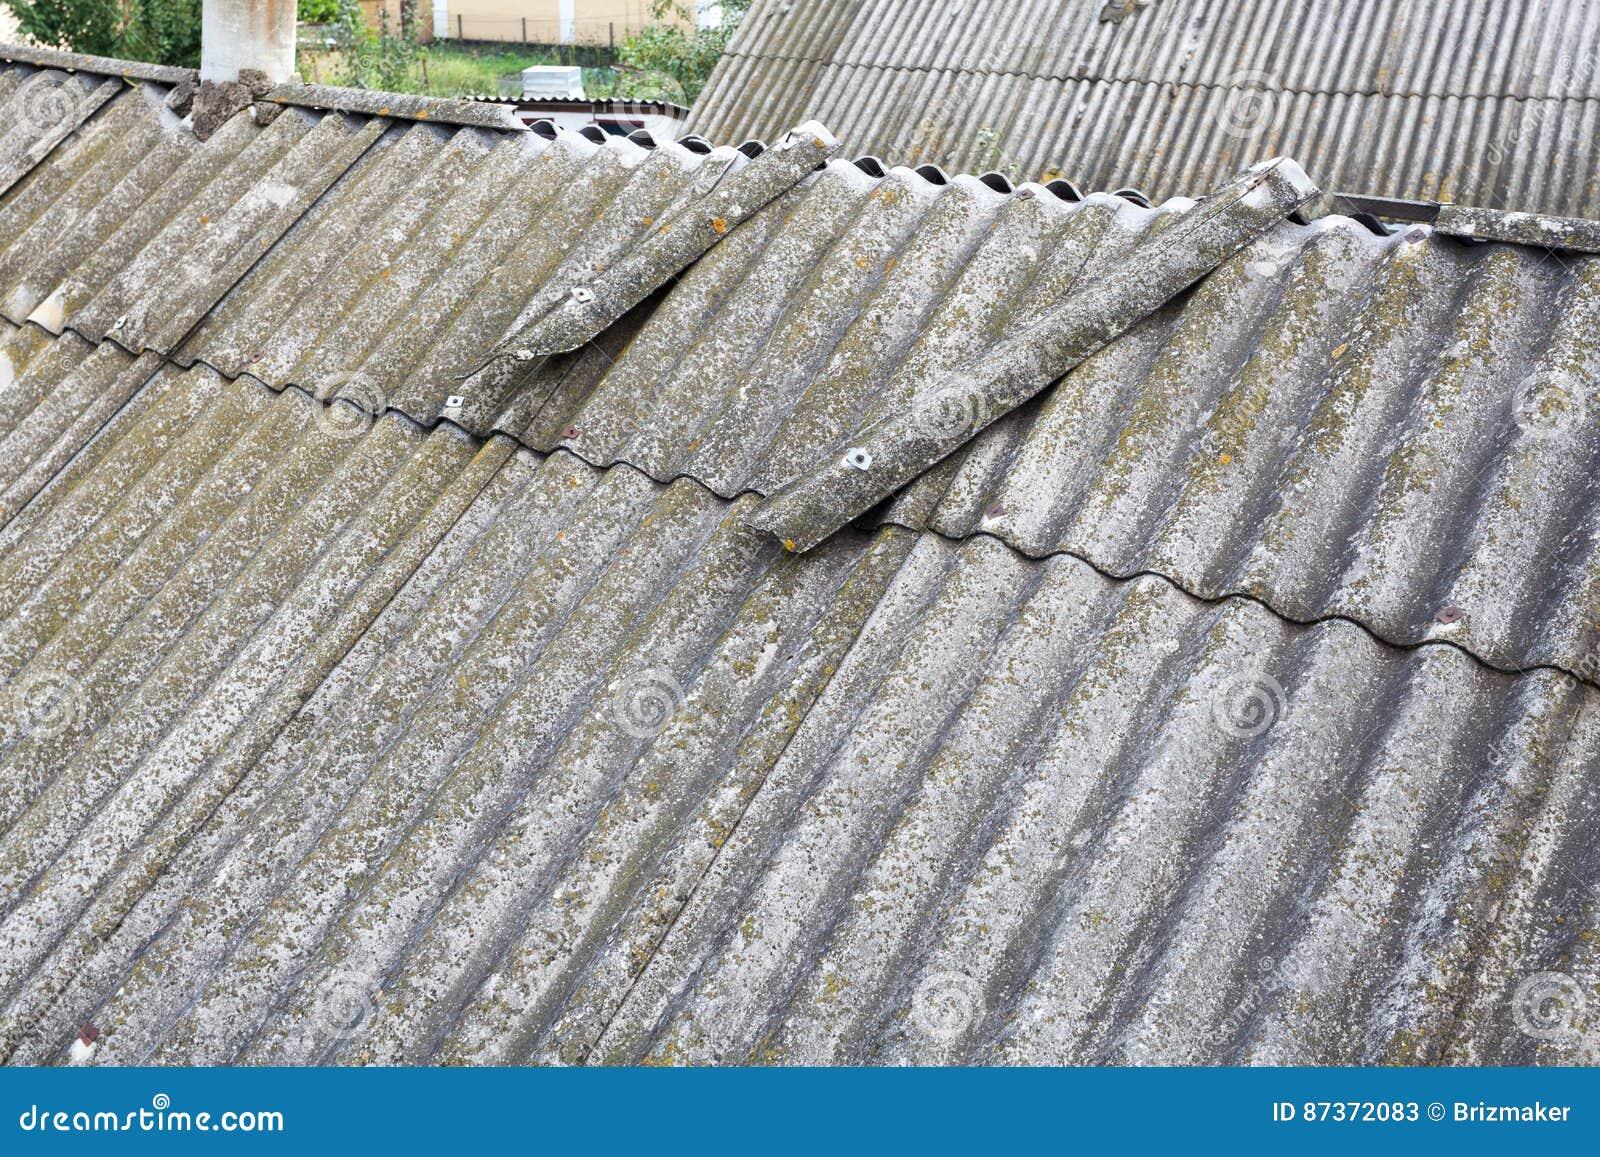 vieilles tuiles de toit dangereuses d 39 amiante image stock image du cement onde 87372083. Black Bedroom Furniture Sets. Home Design Ideas